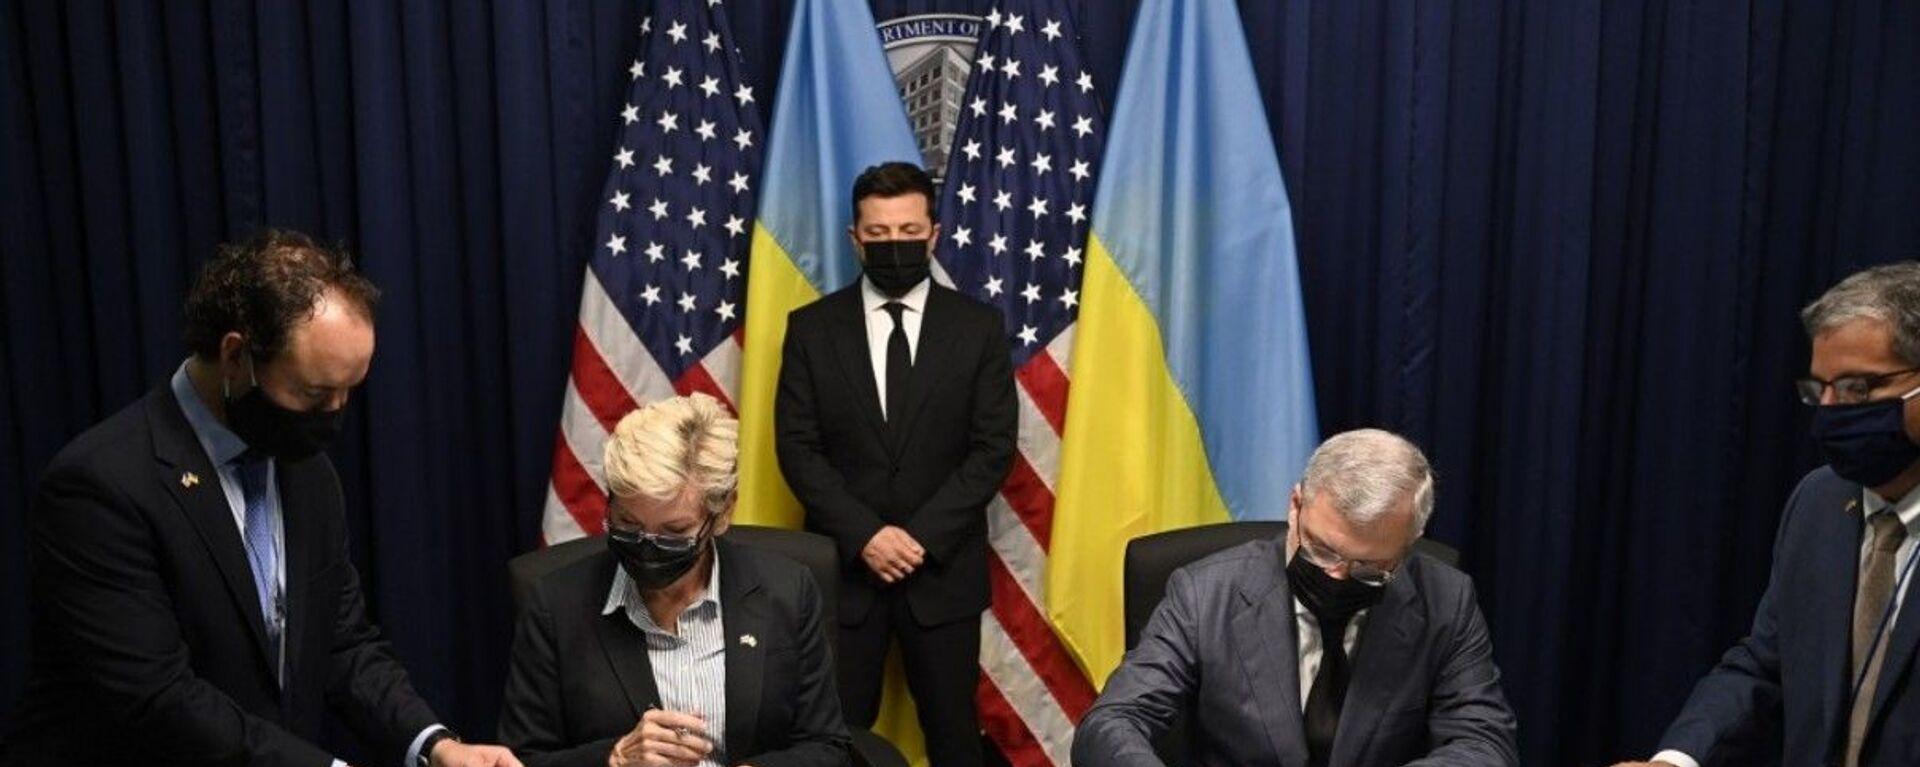 Ukrajinský prezident Volodymyr Zelenskyj ve Washingtonu - Sputnik Česká republika, 1920, 01.09.2021